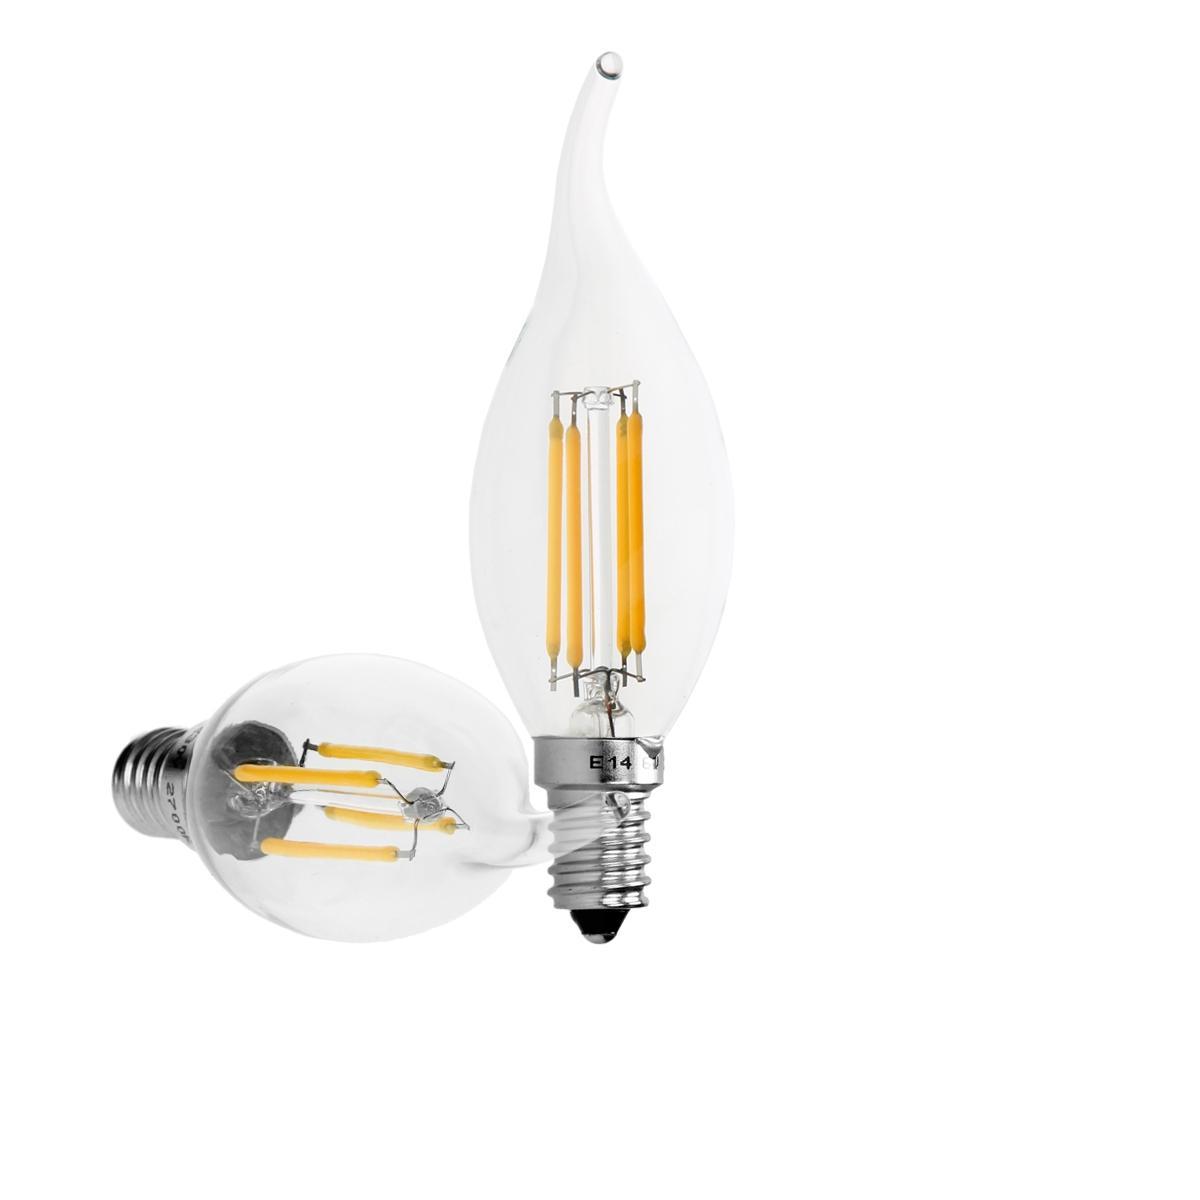 Ecd Germany 6 x Lampe LED rafale de vent filament de bougie E14 4W blanc chaud